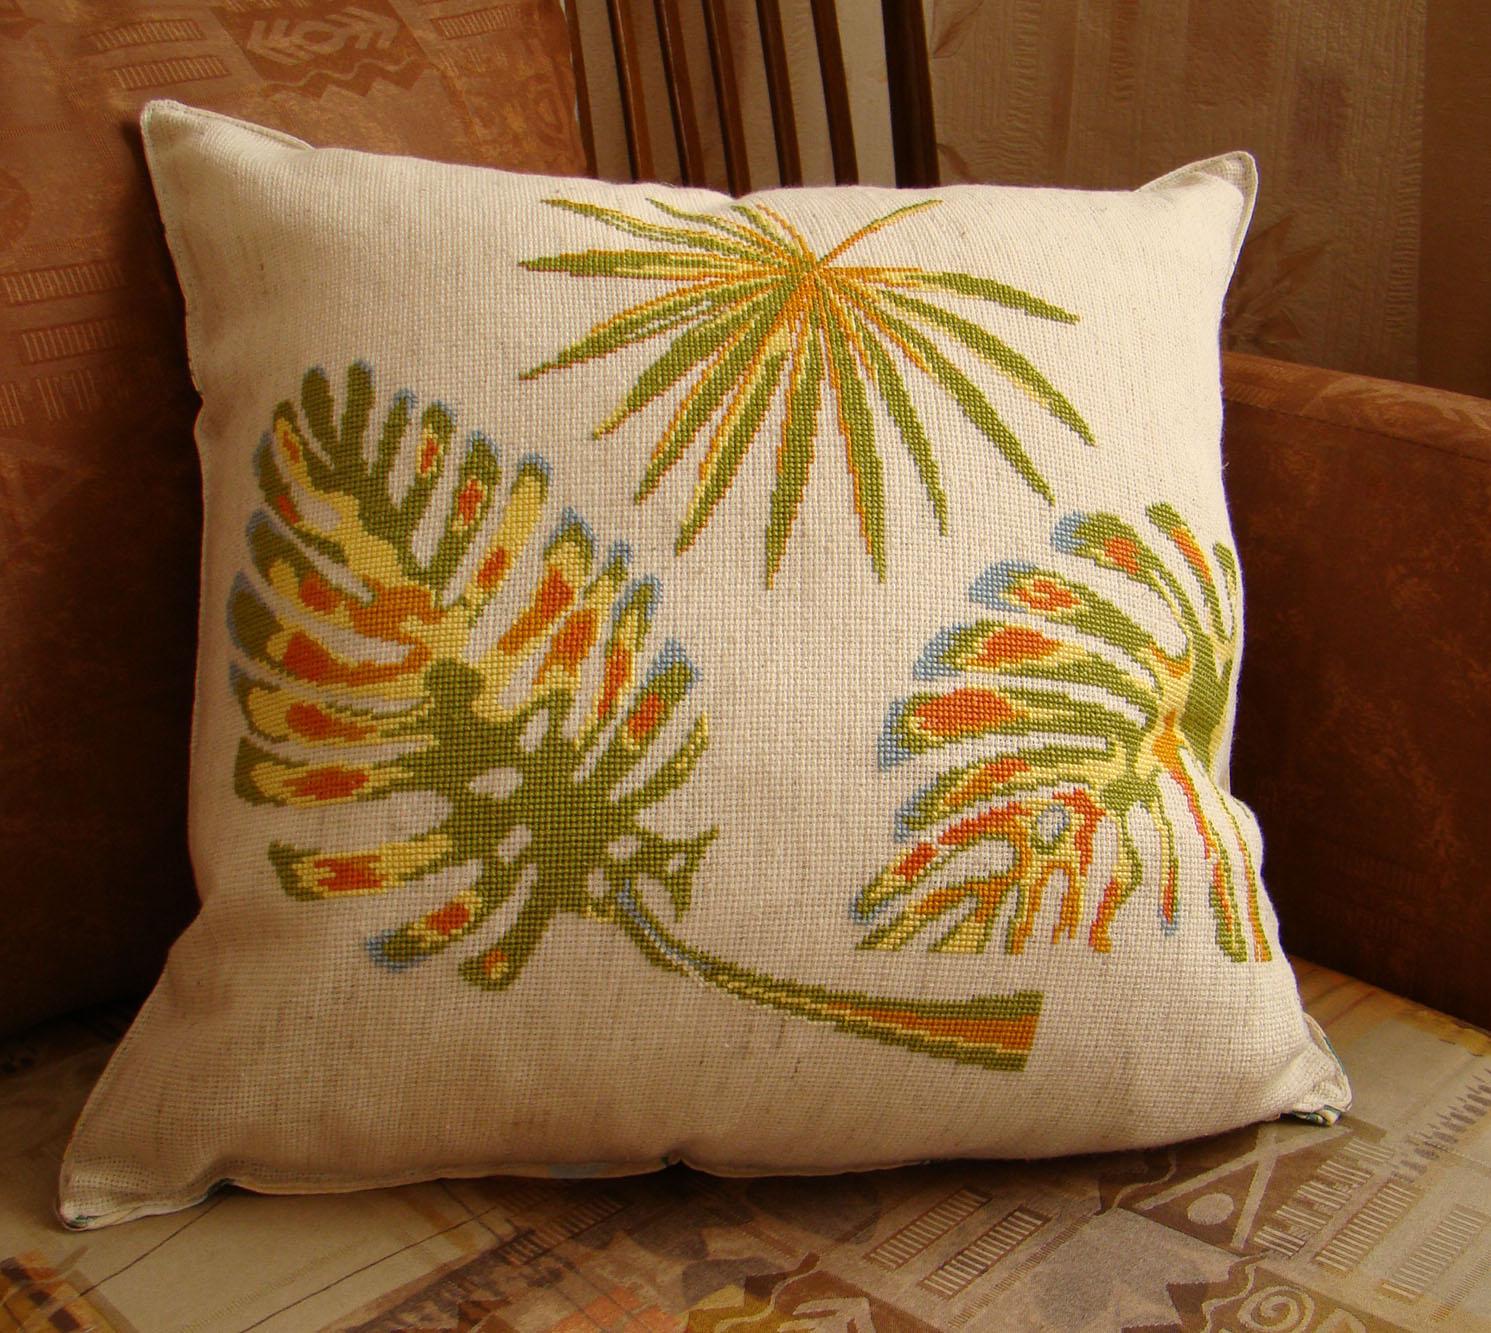 Подушечка с тропическими листьями. Диванные подушки с вышивкой и без